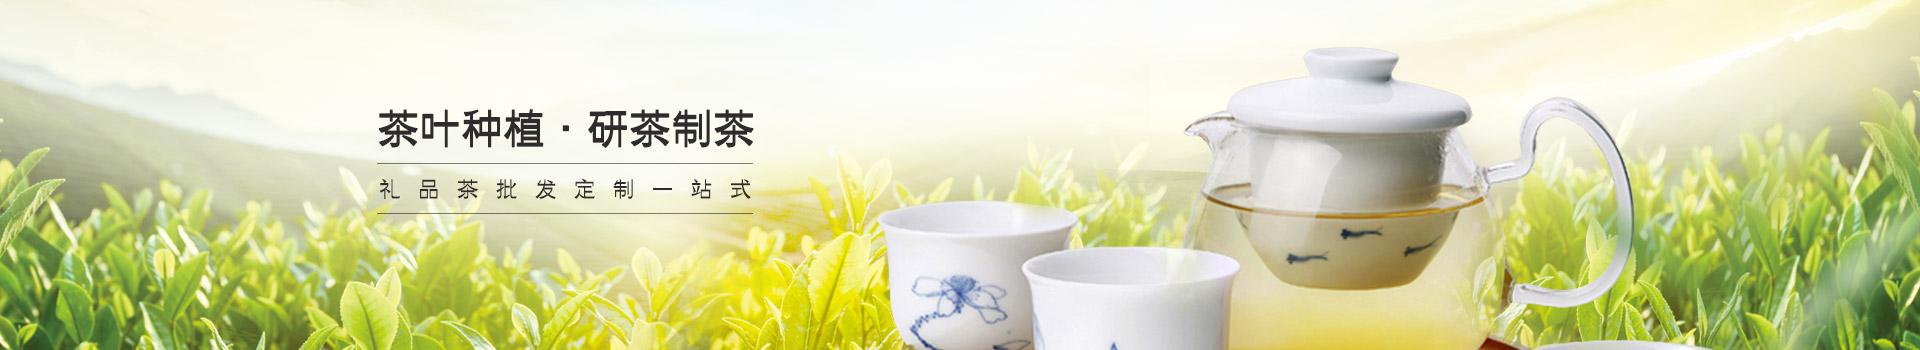 鸦鹊山茶叶种植 · 研茶制茶 礼品茶批发定制一站式